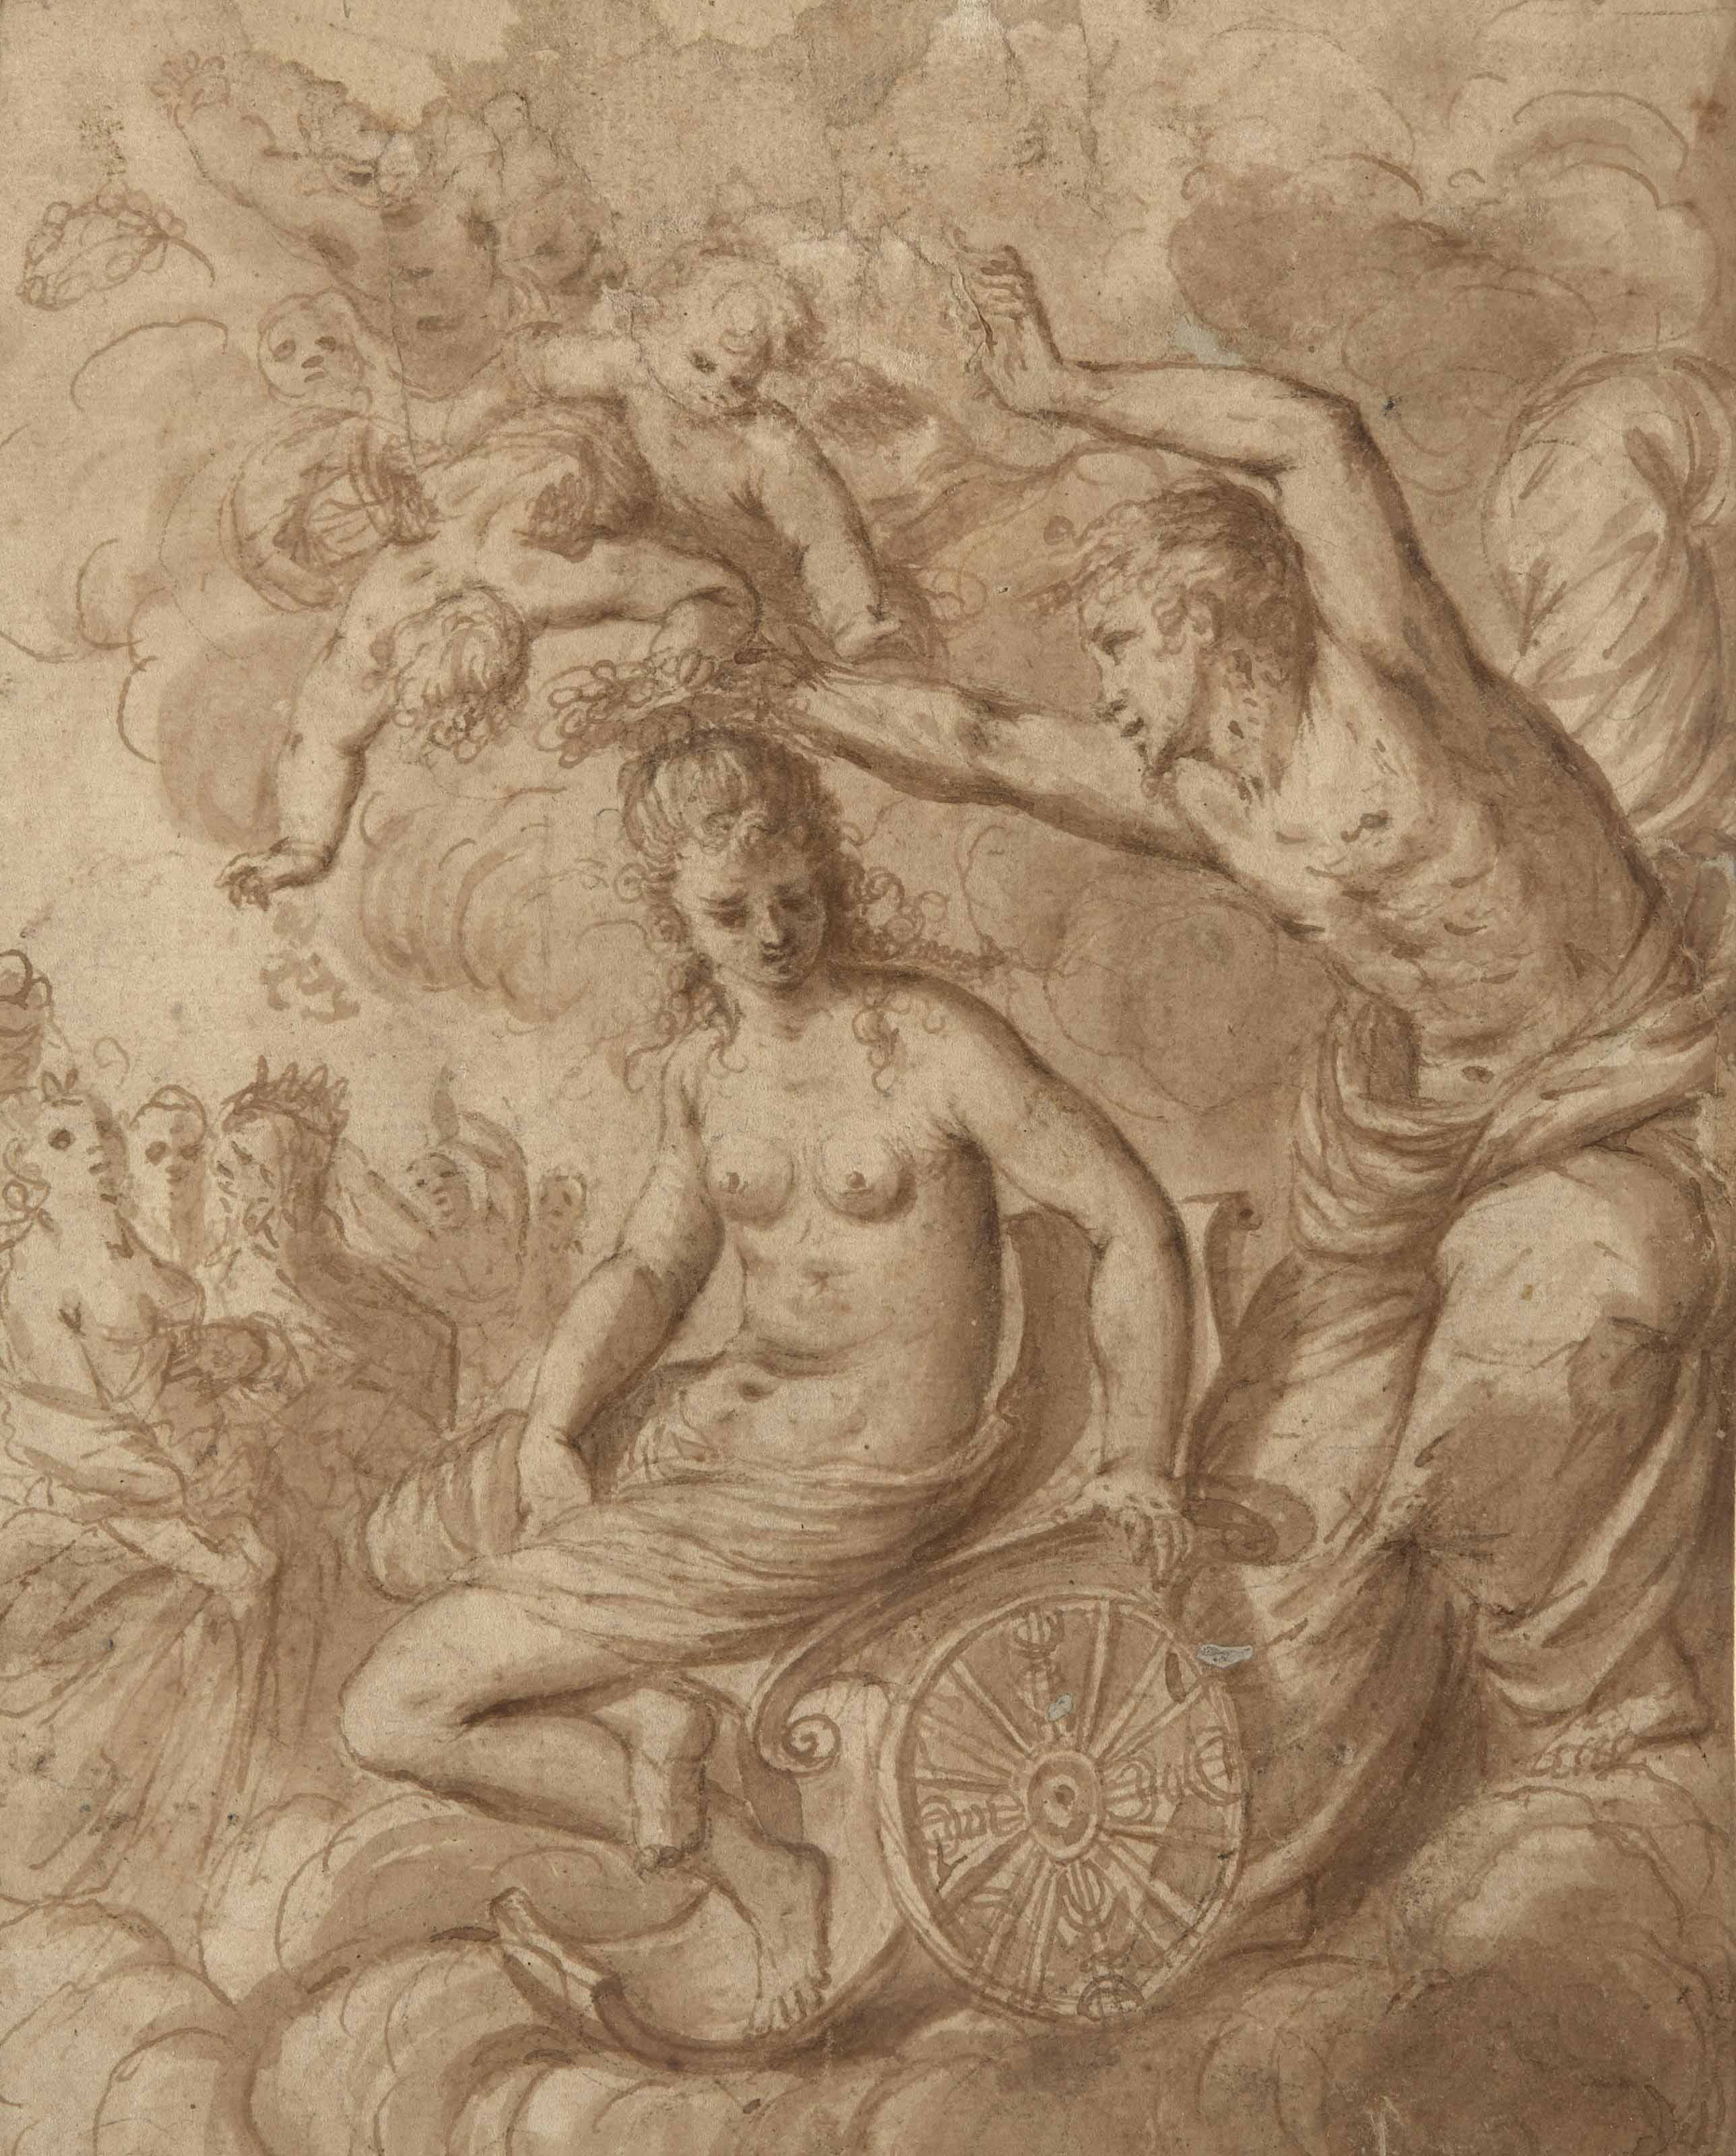 Couronnement d'une déesse sur son char